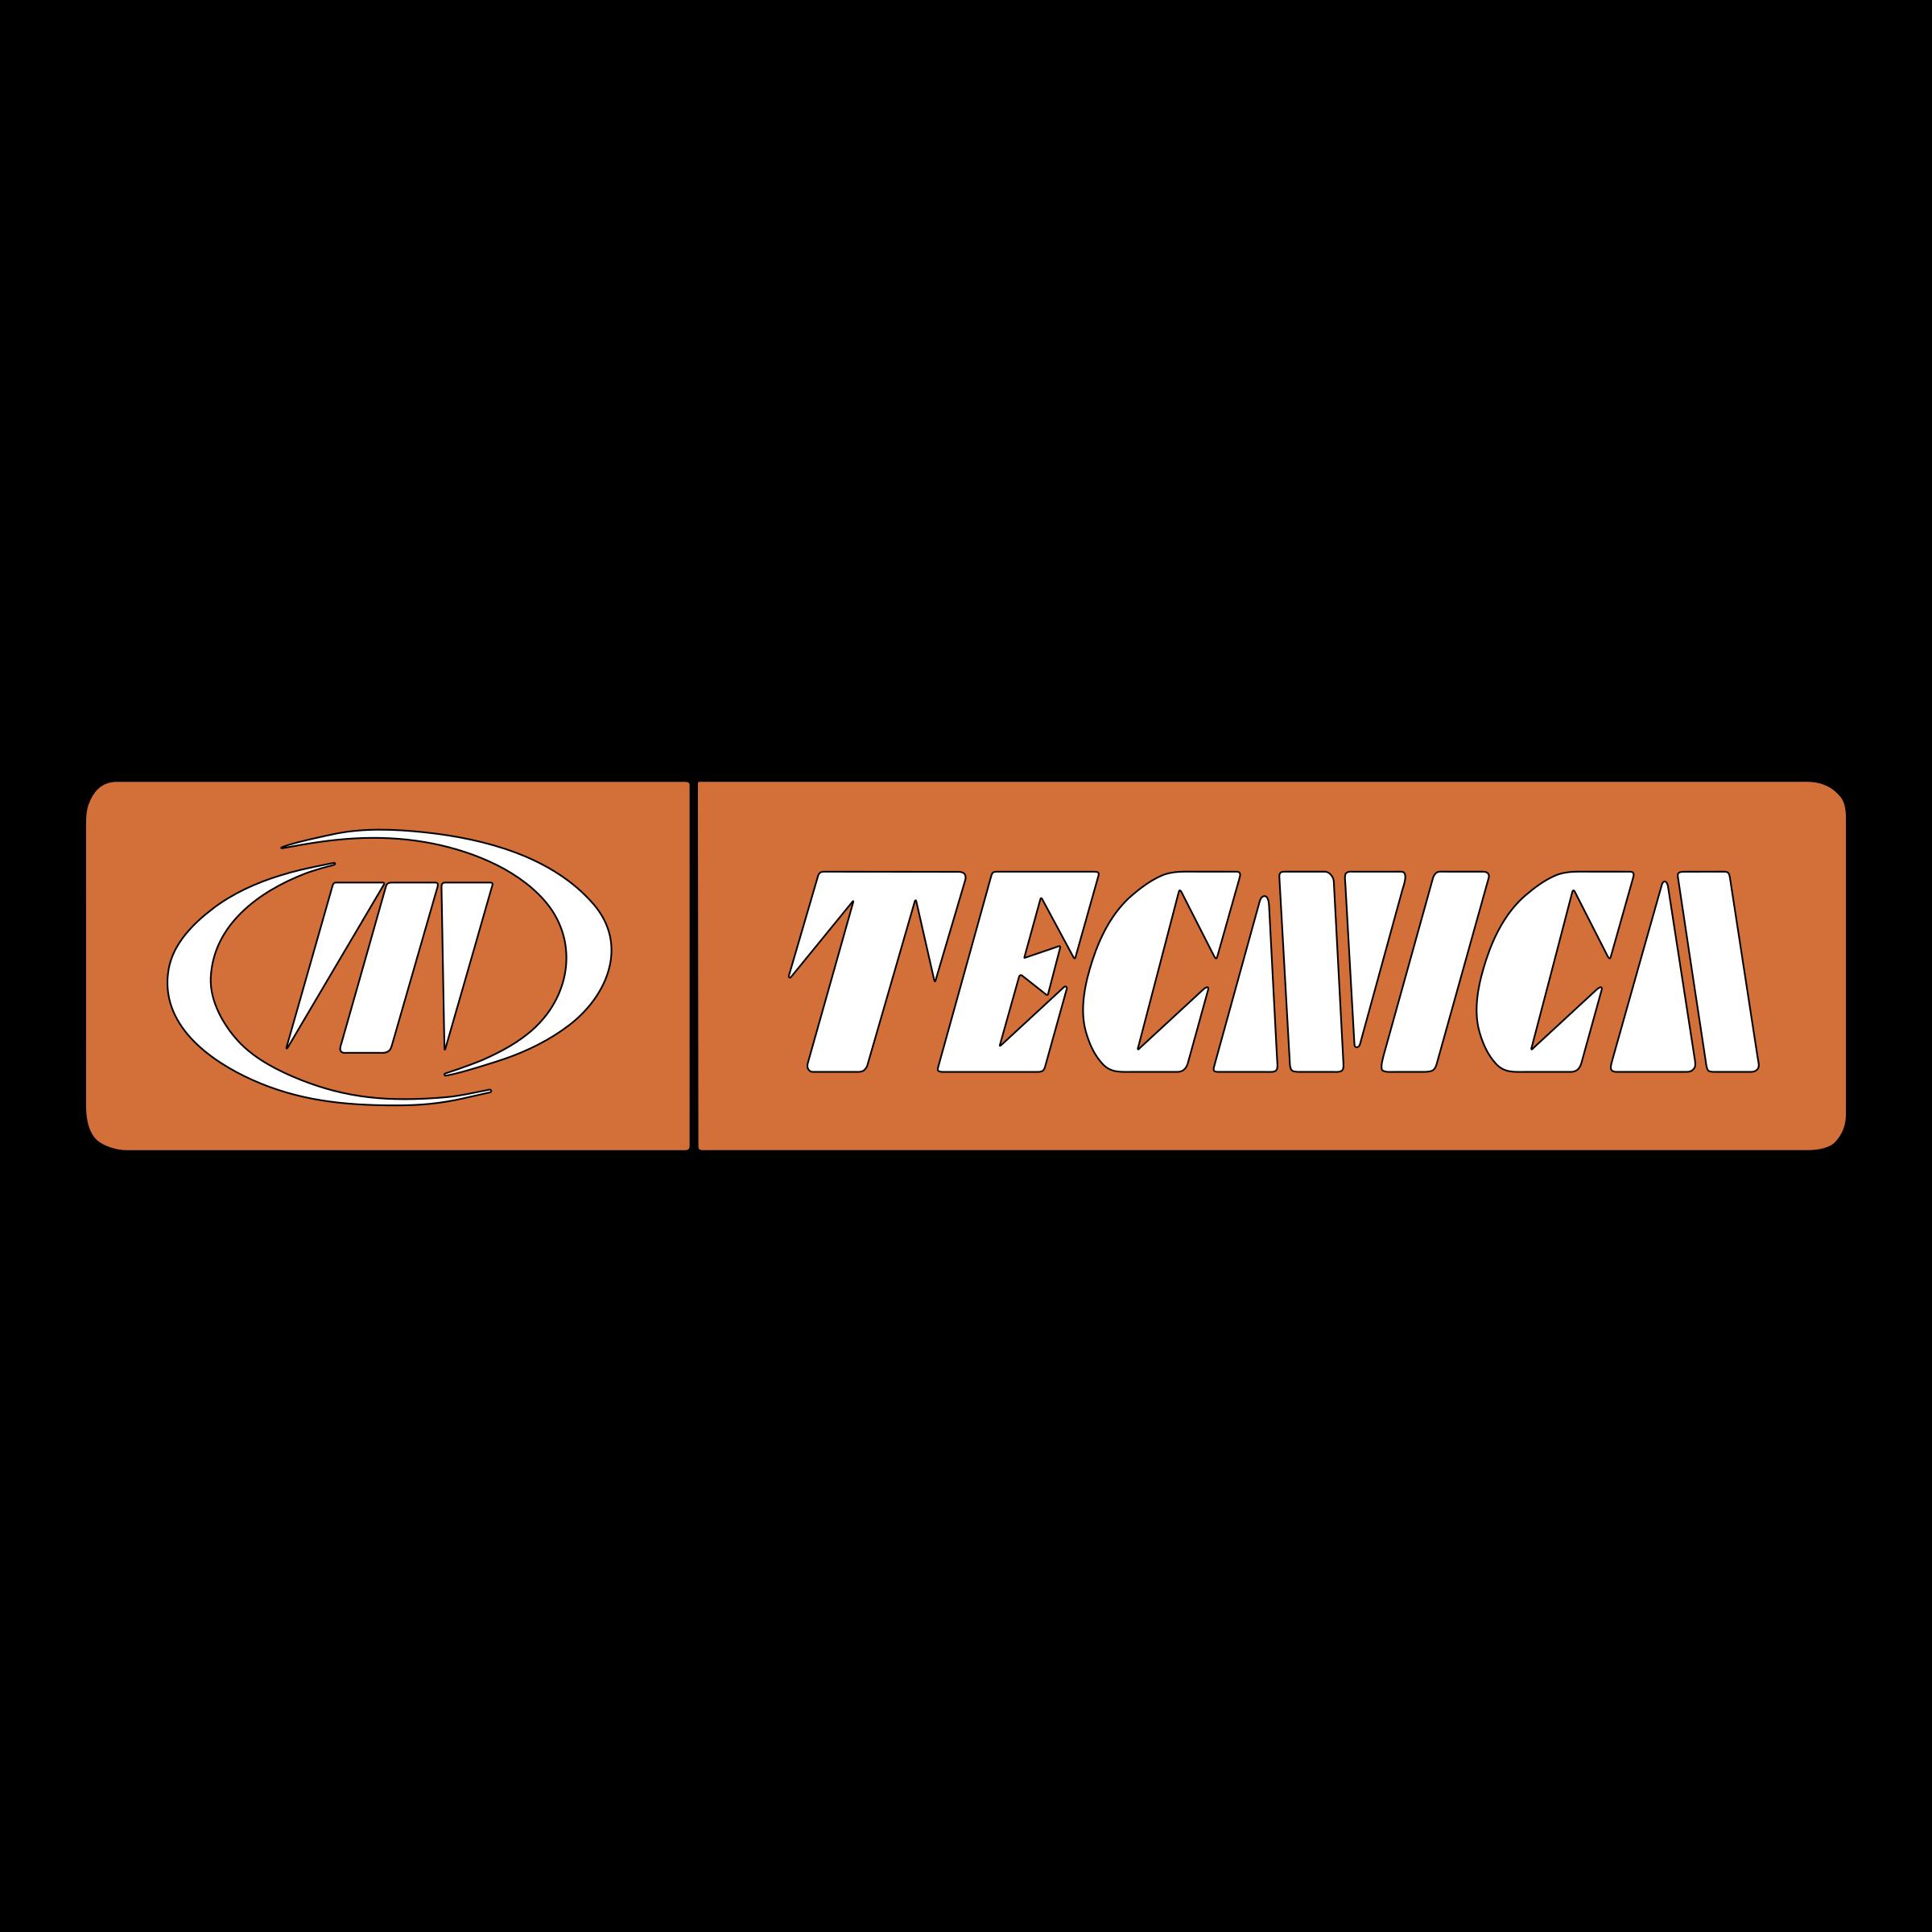 tecnica-1-logo-png-transparent1.png